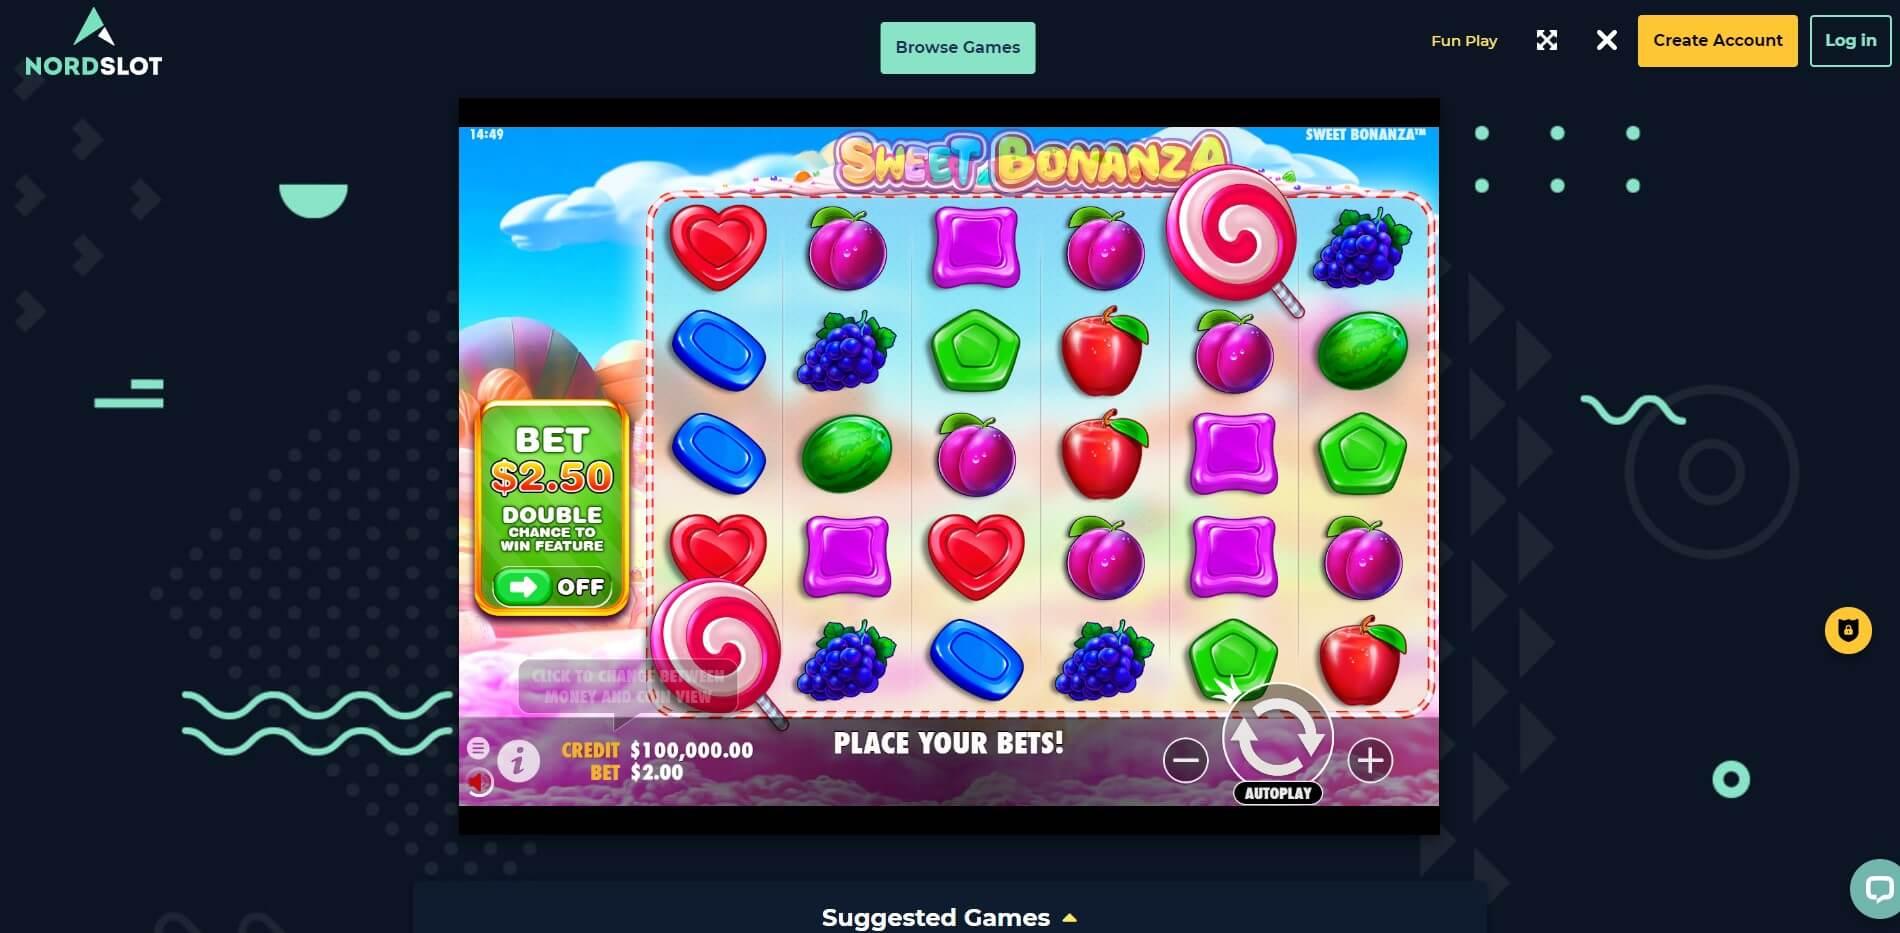 Game Play at NordSlot Casino